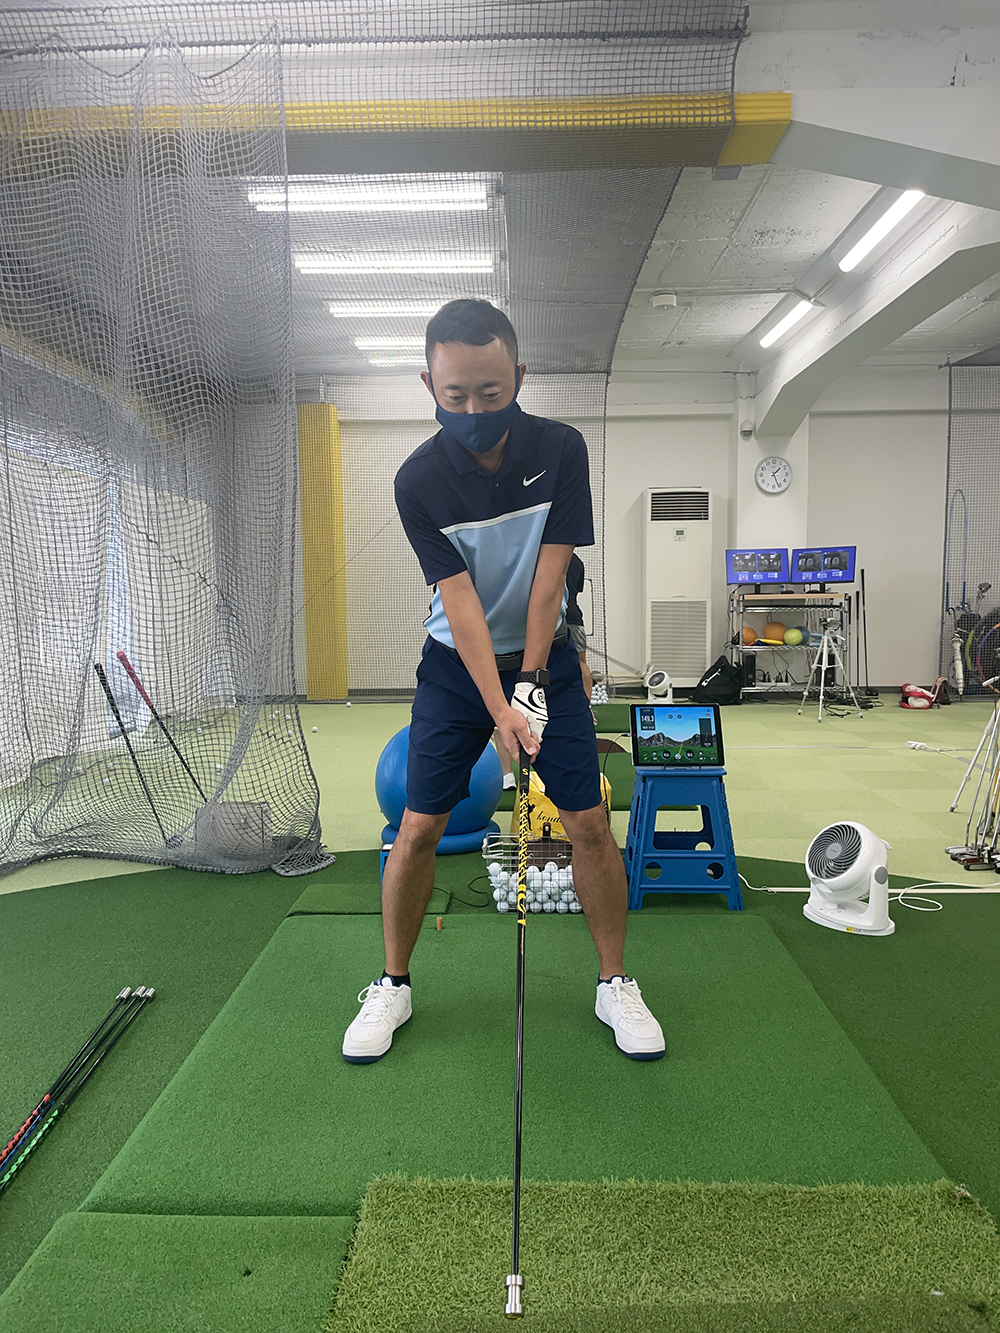 ヘッドスピード爆上げ!!│池袋ゴルフアカデミー本校初心者館